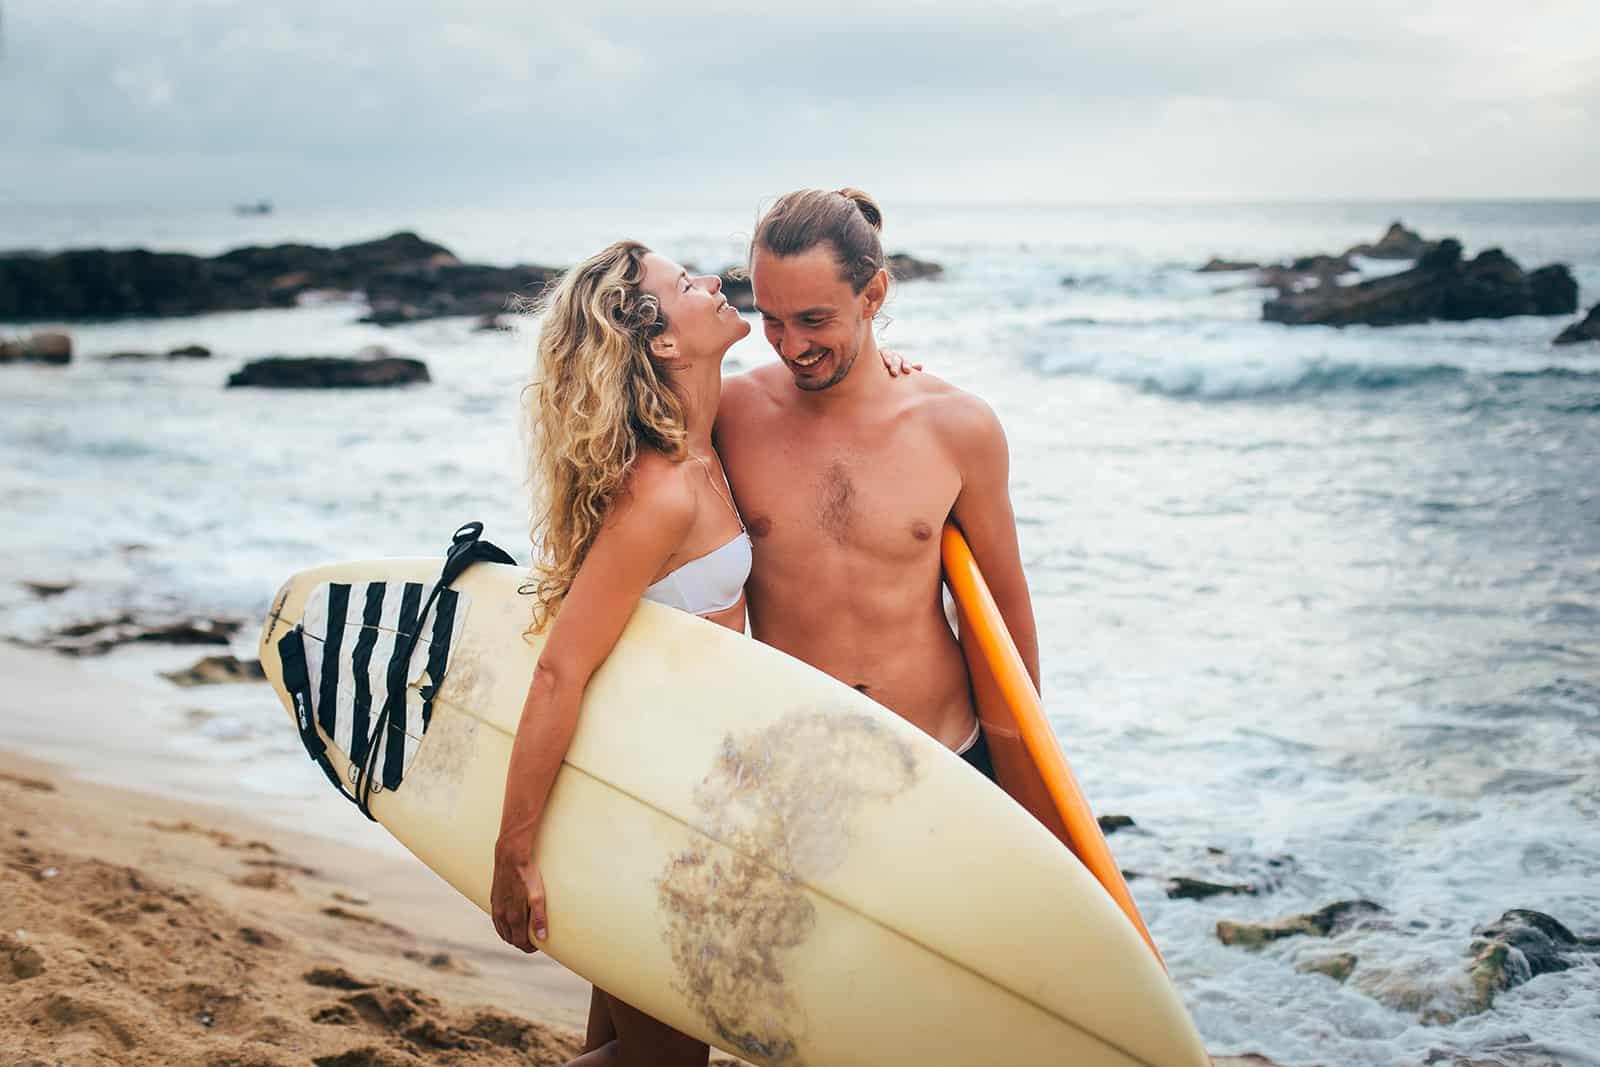 ein liebendes Paar, das Surfbretter hält, die am Strand umarmen